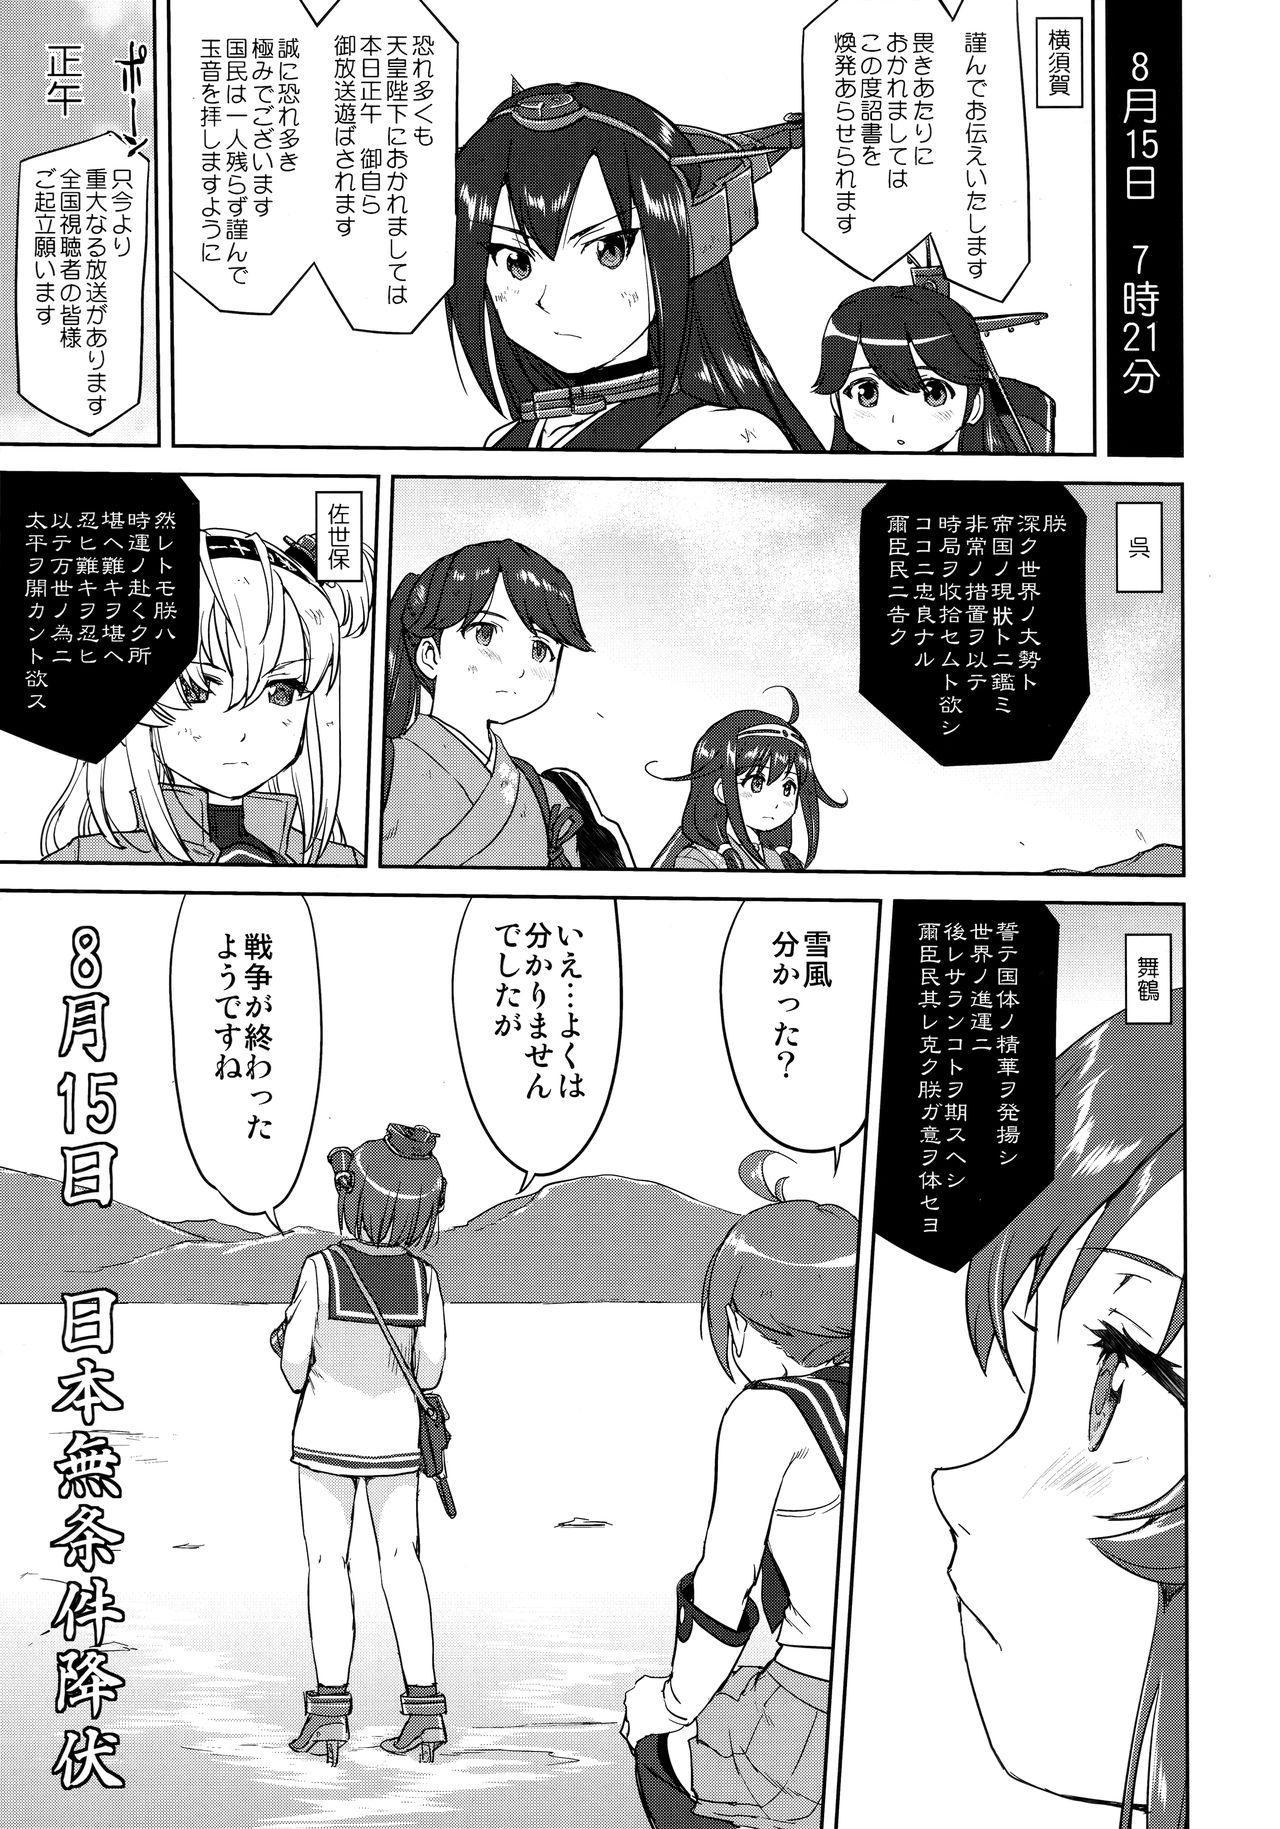 Teitoku no Ketsudan Kanmusu no Ichiban Nagai Hi 49